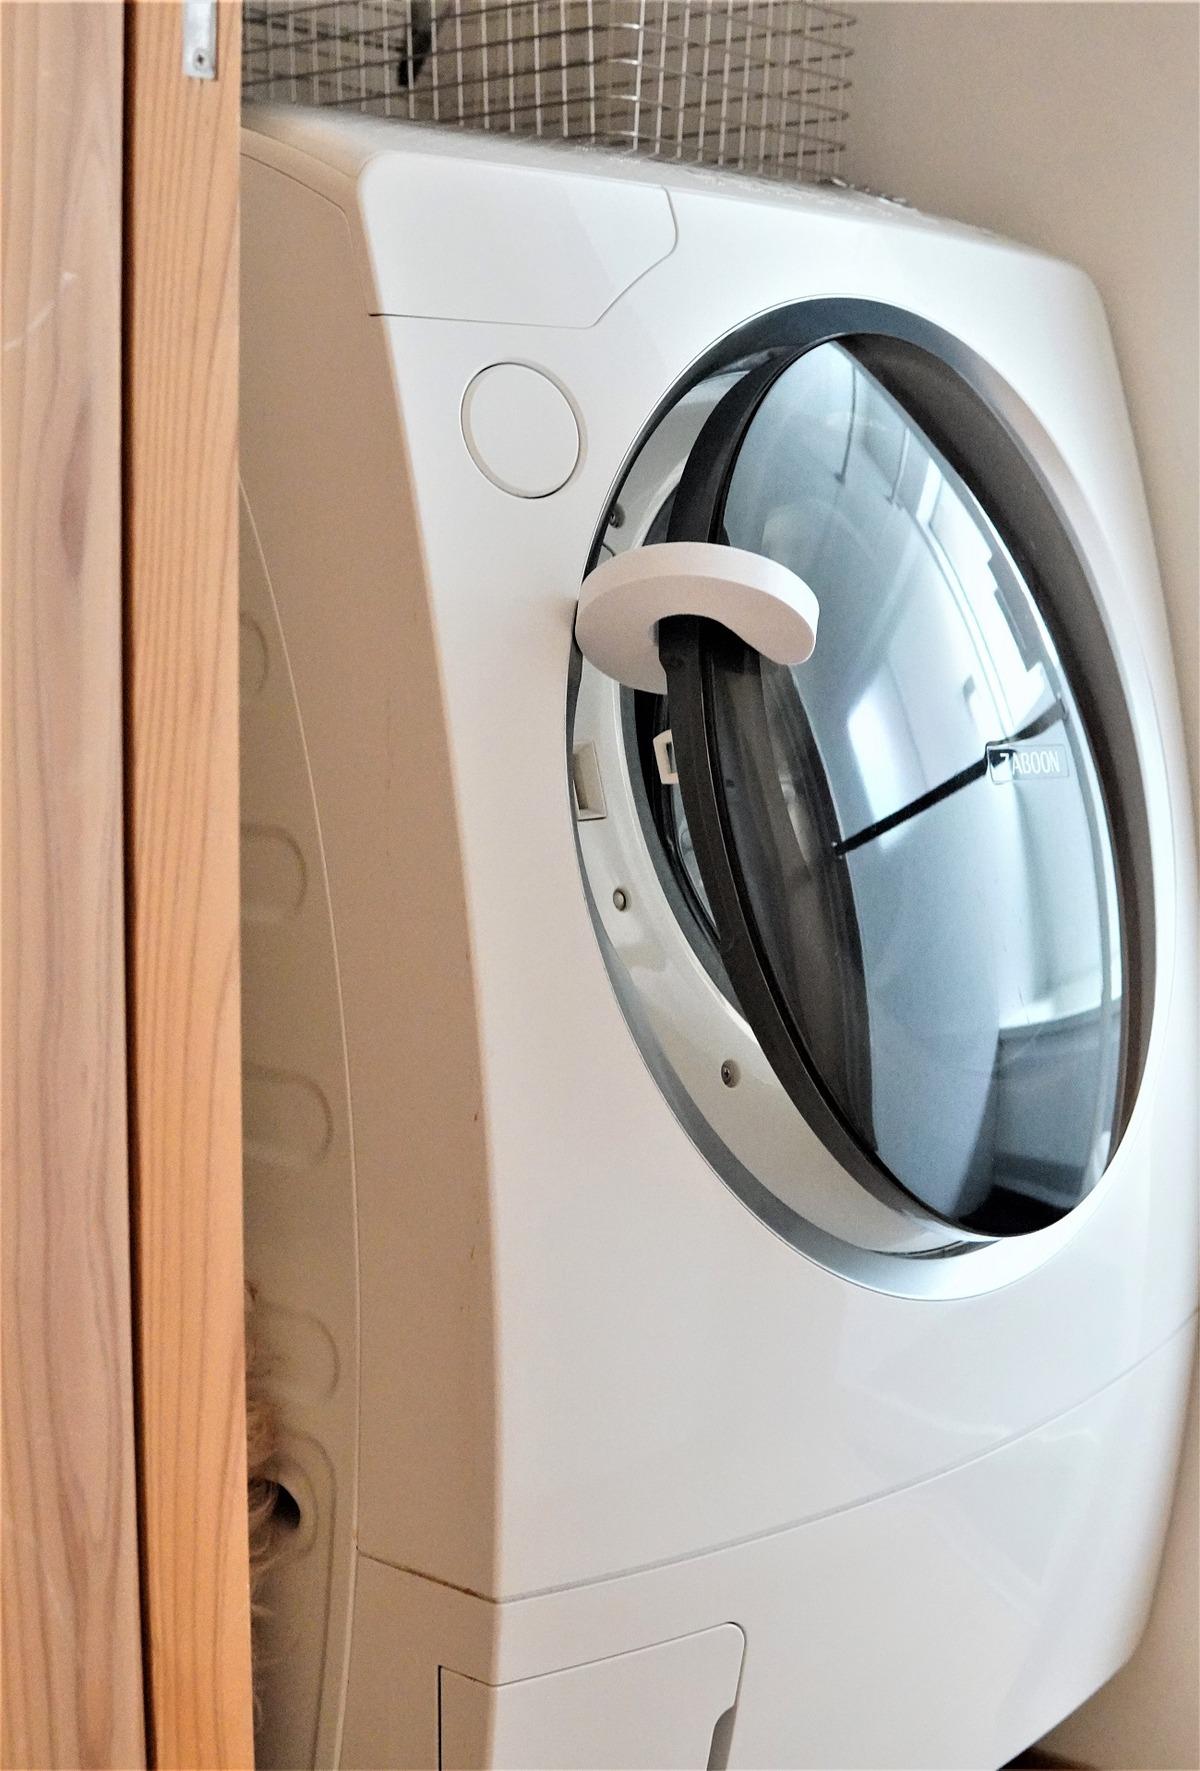 洗濯ドアストッパー5